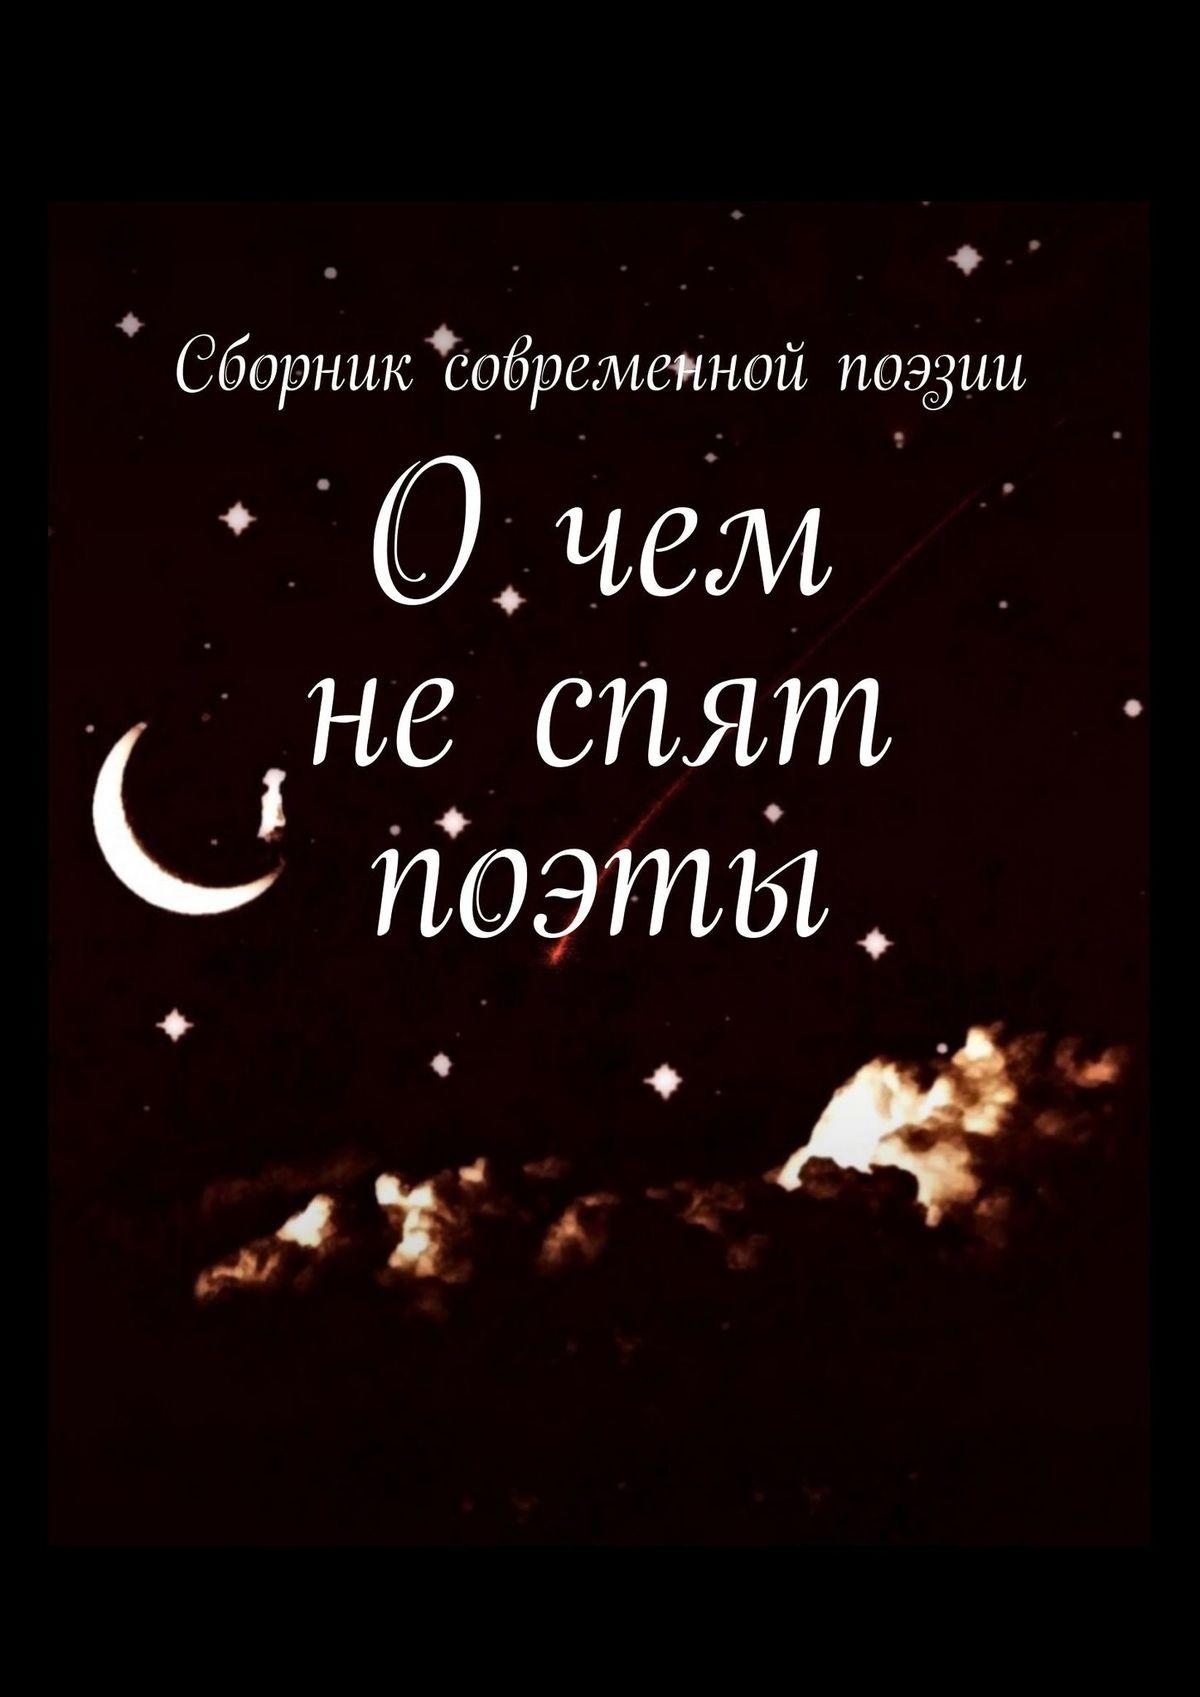 Е. В. Самохина Очем неспят поэты е в самохина очем неспят поэты